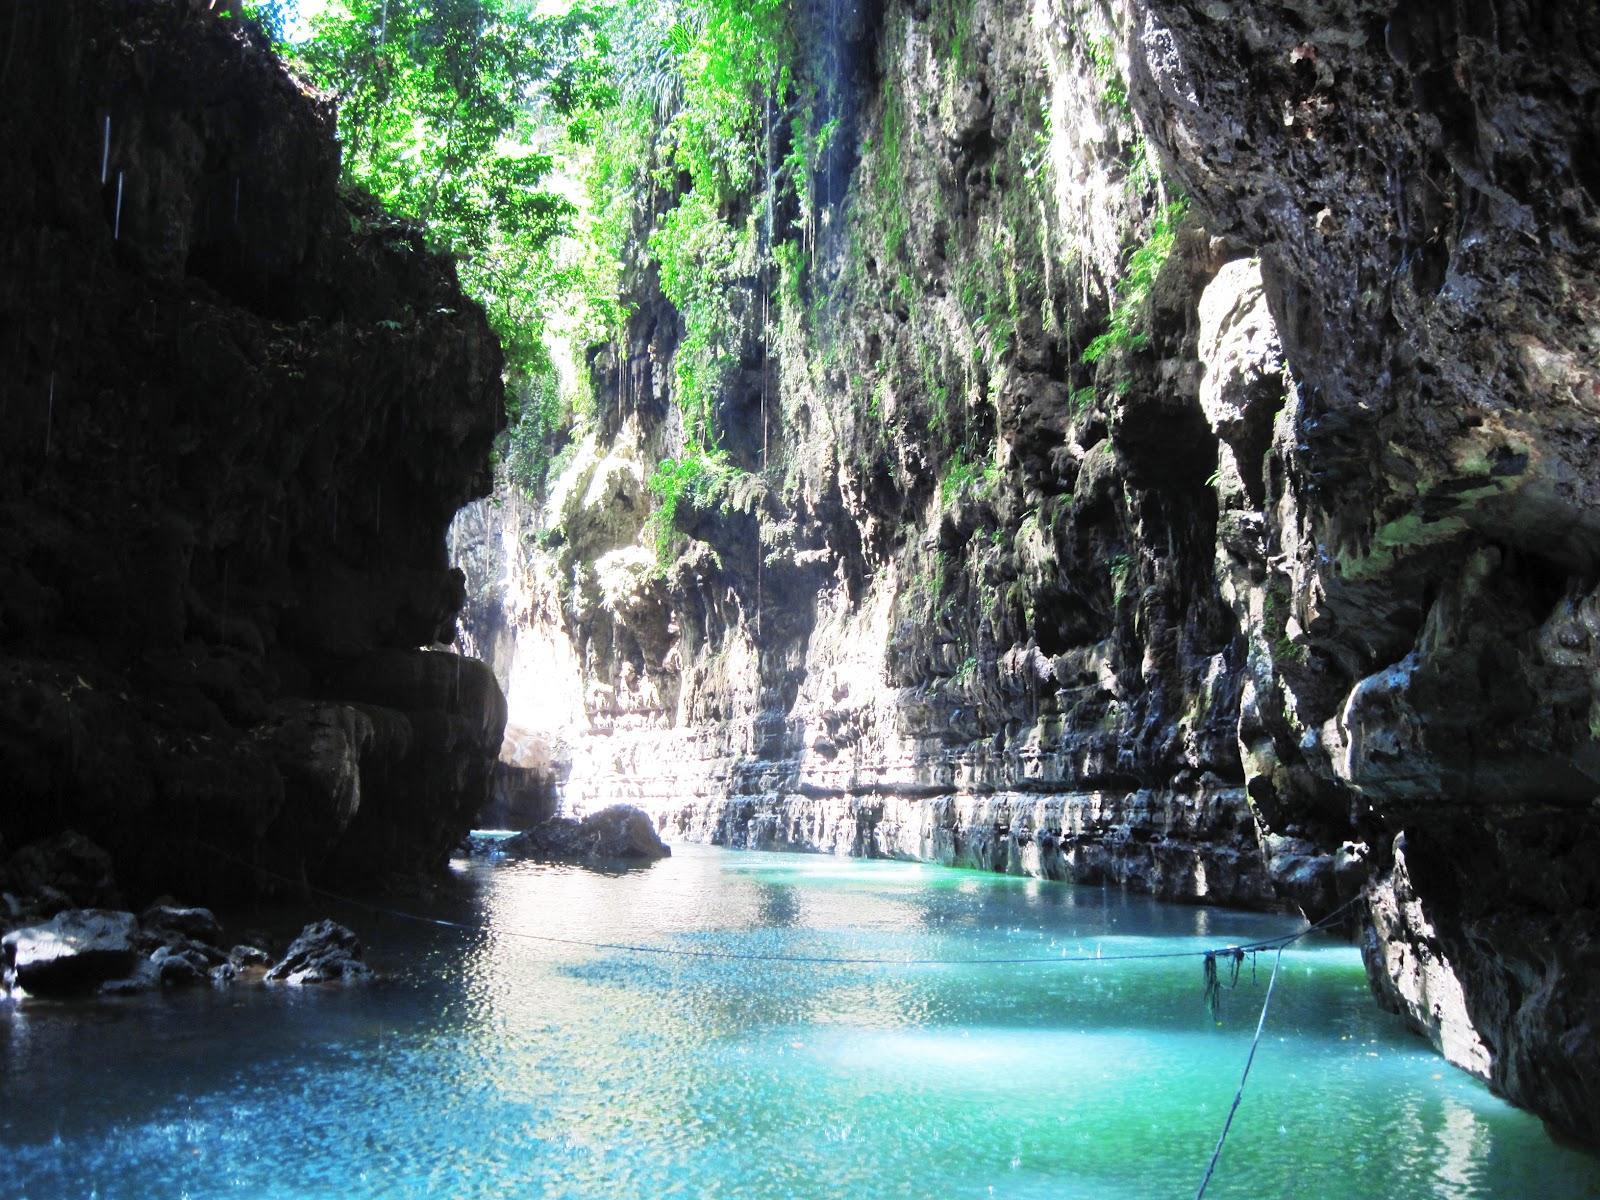 Jalan Jalan Indonesia: Batu Karas Green Canyon